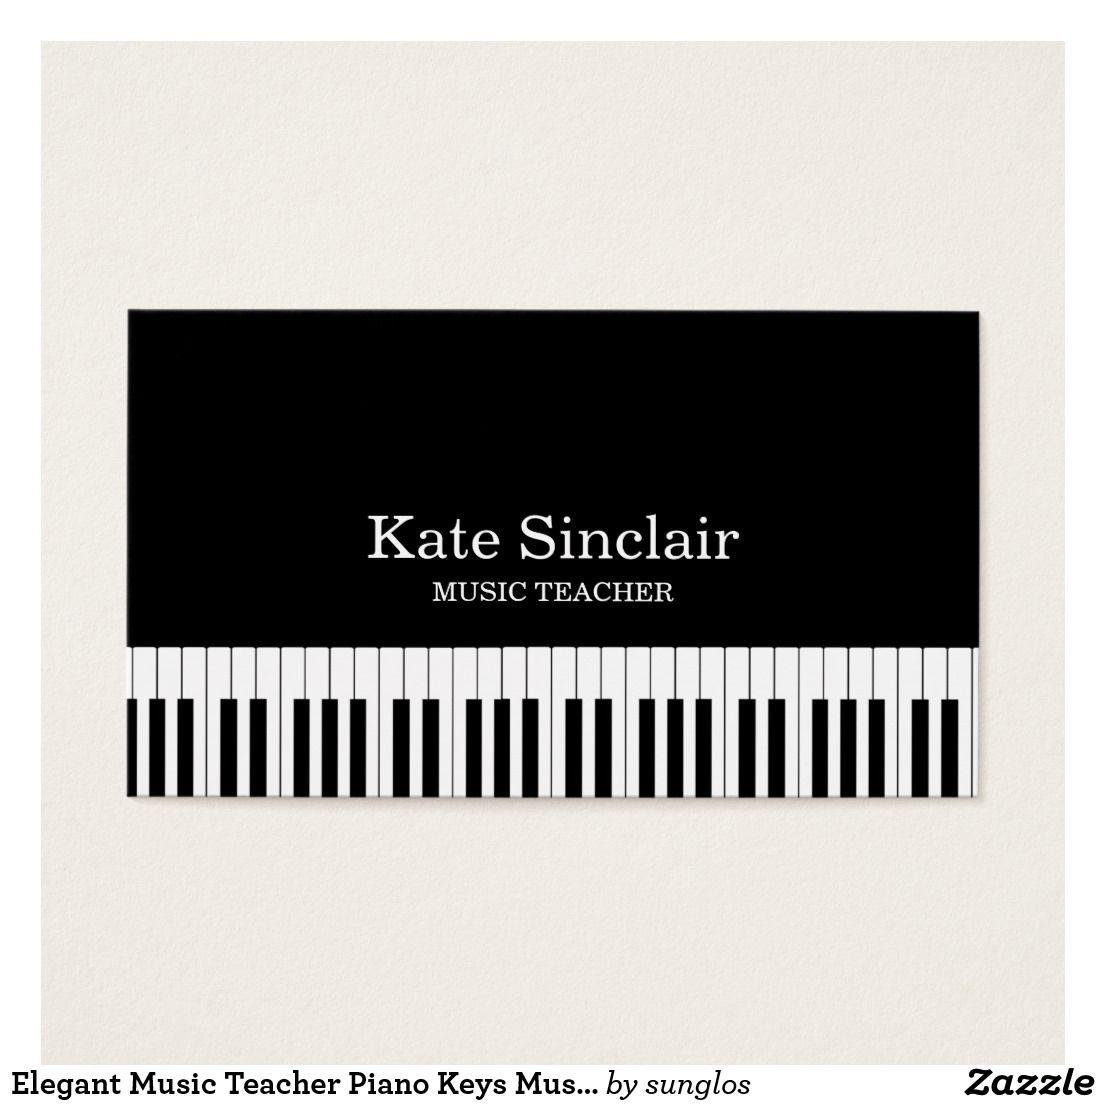 Elegant Music Teacher Piano Keys Musical Business Card Zazzle Com Teacher Business Cards Music Teacher Music Business Cards